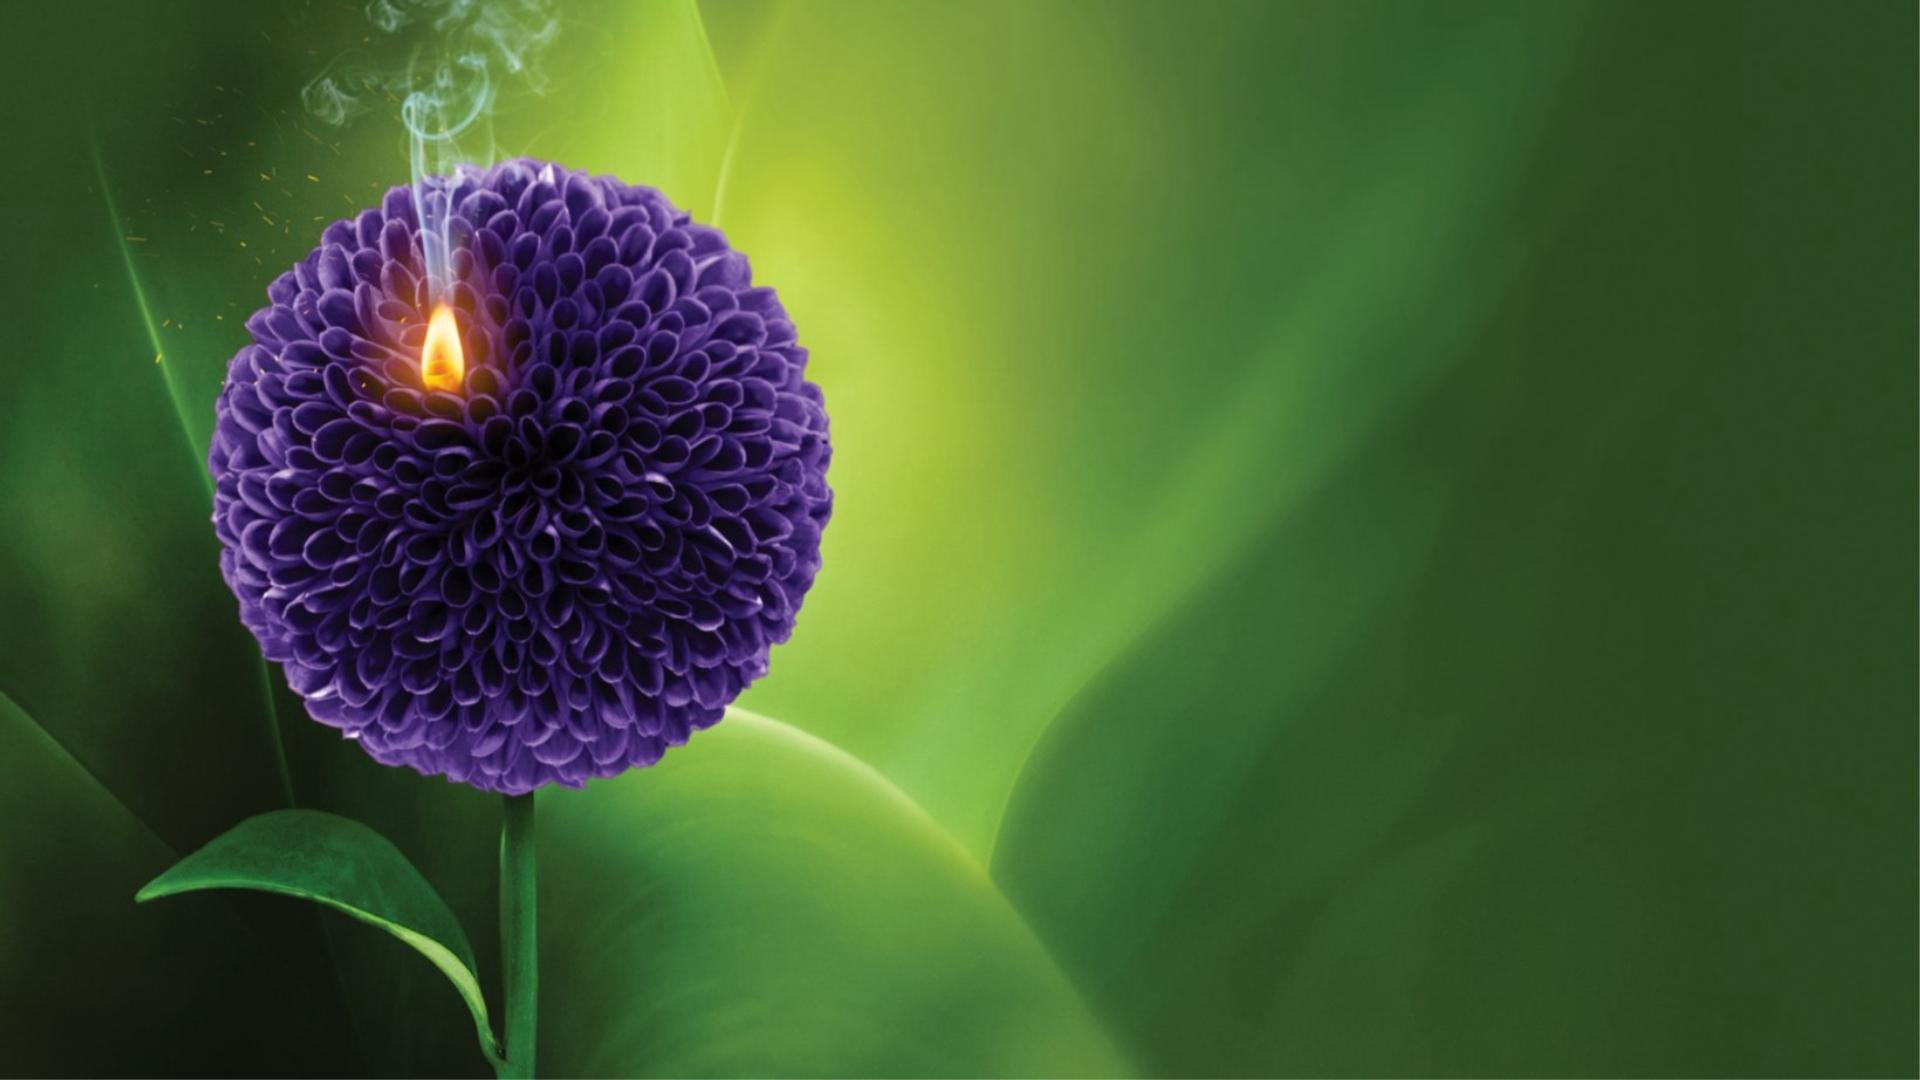 Signatera daganat monitoring nyílt nap - ONLINE részvételi lehetőség